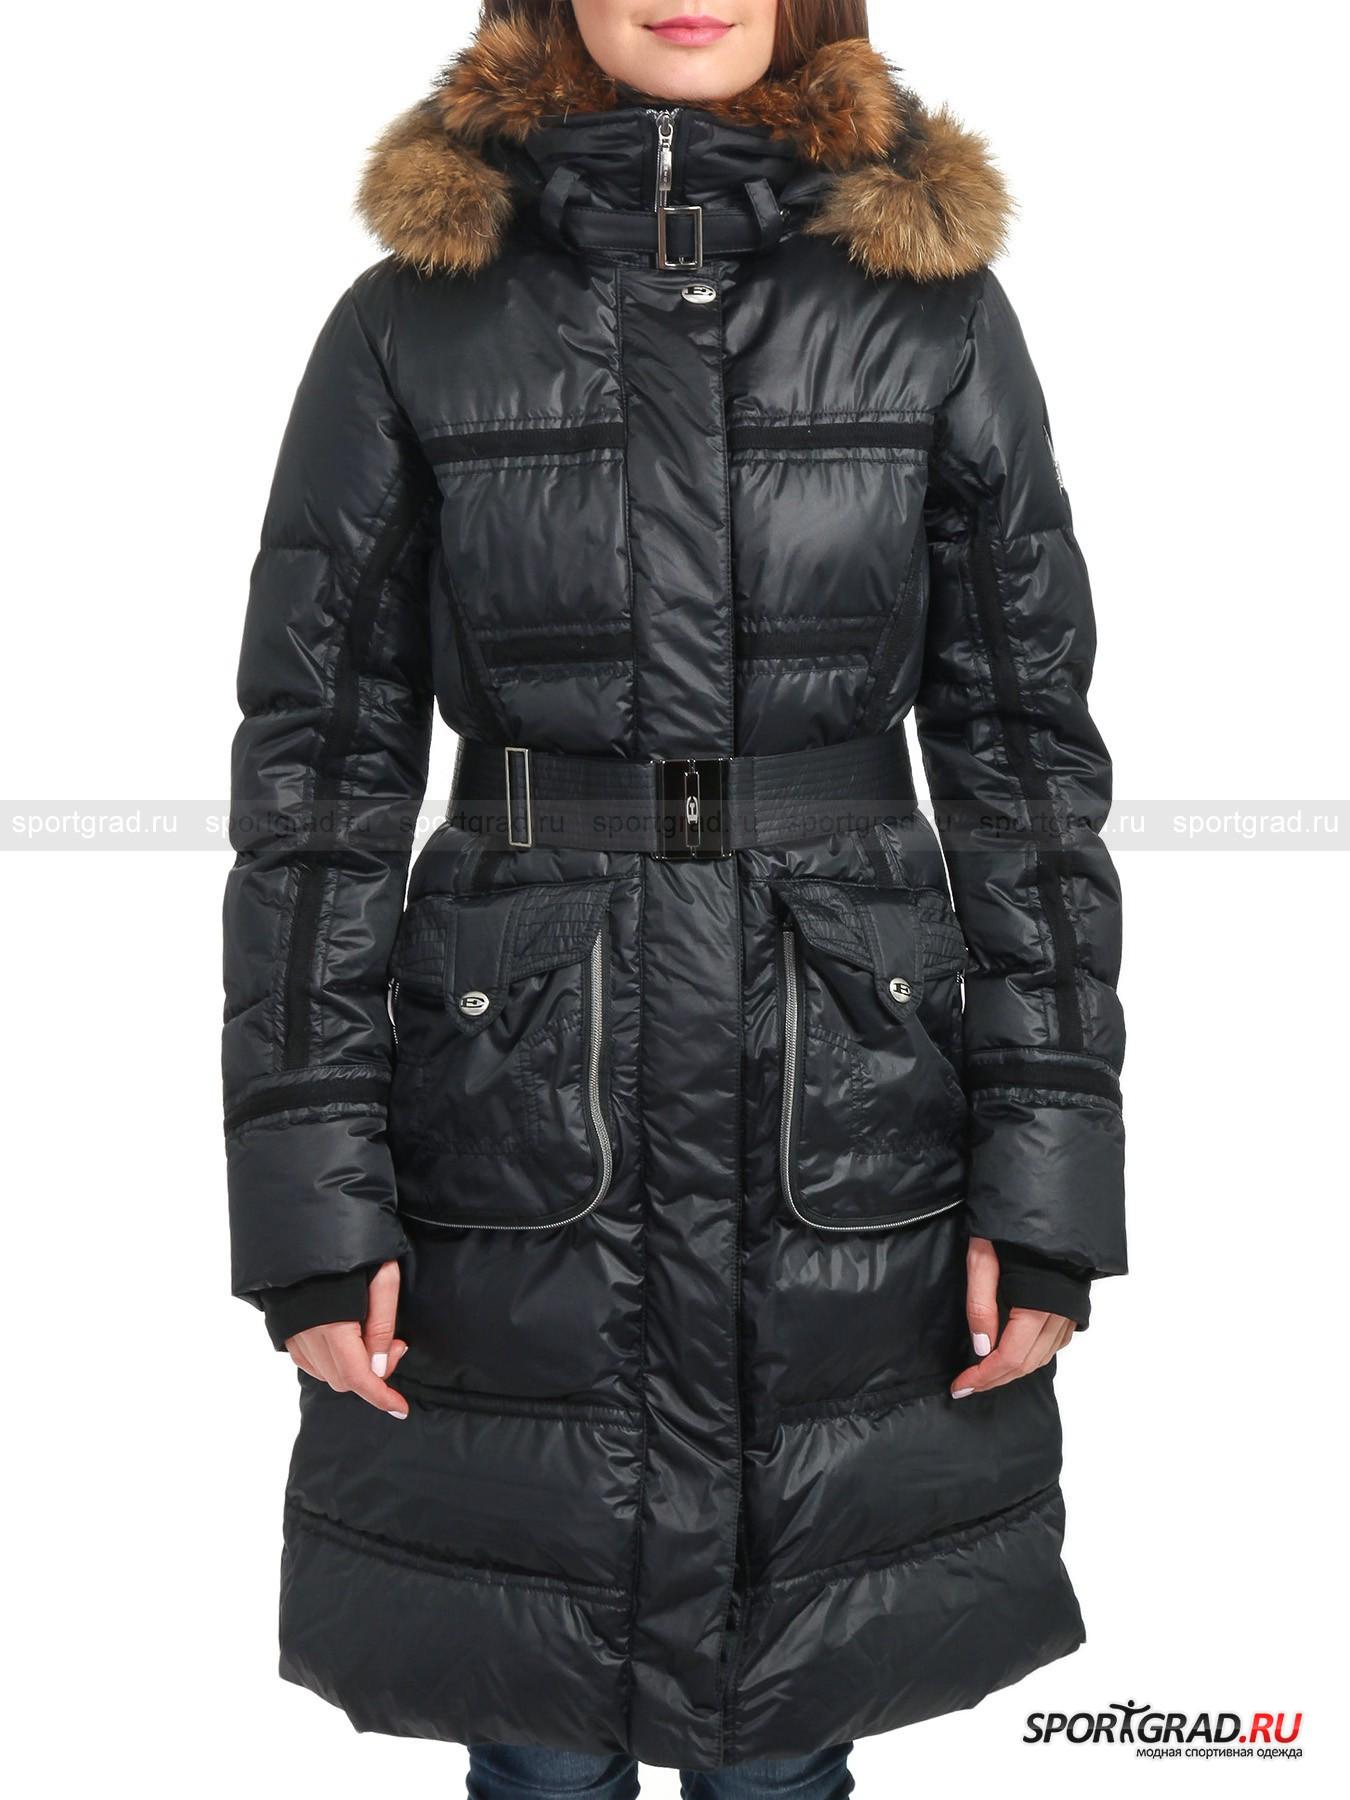 Пальто пуховое женское с мехом JORDANP EMMEGY